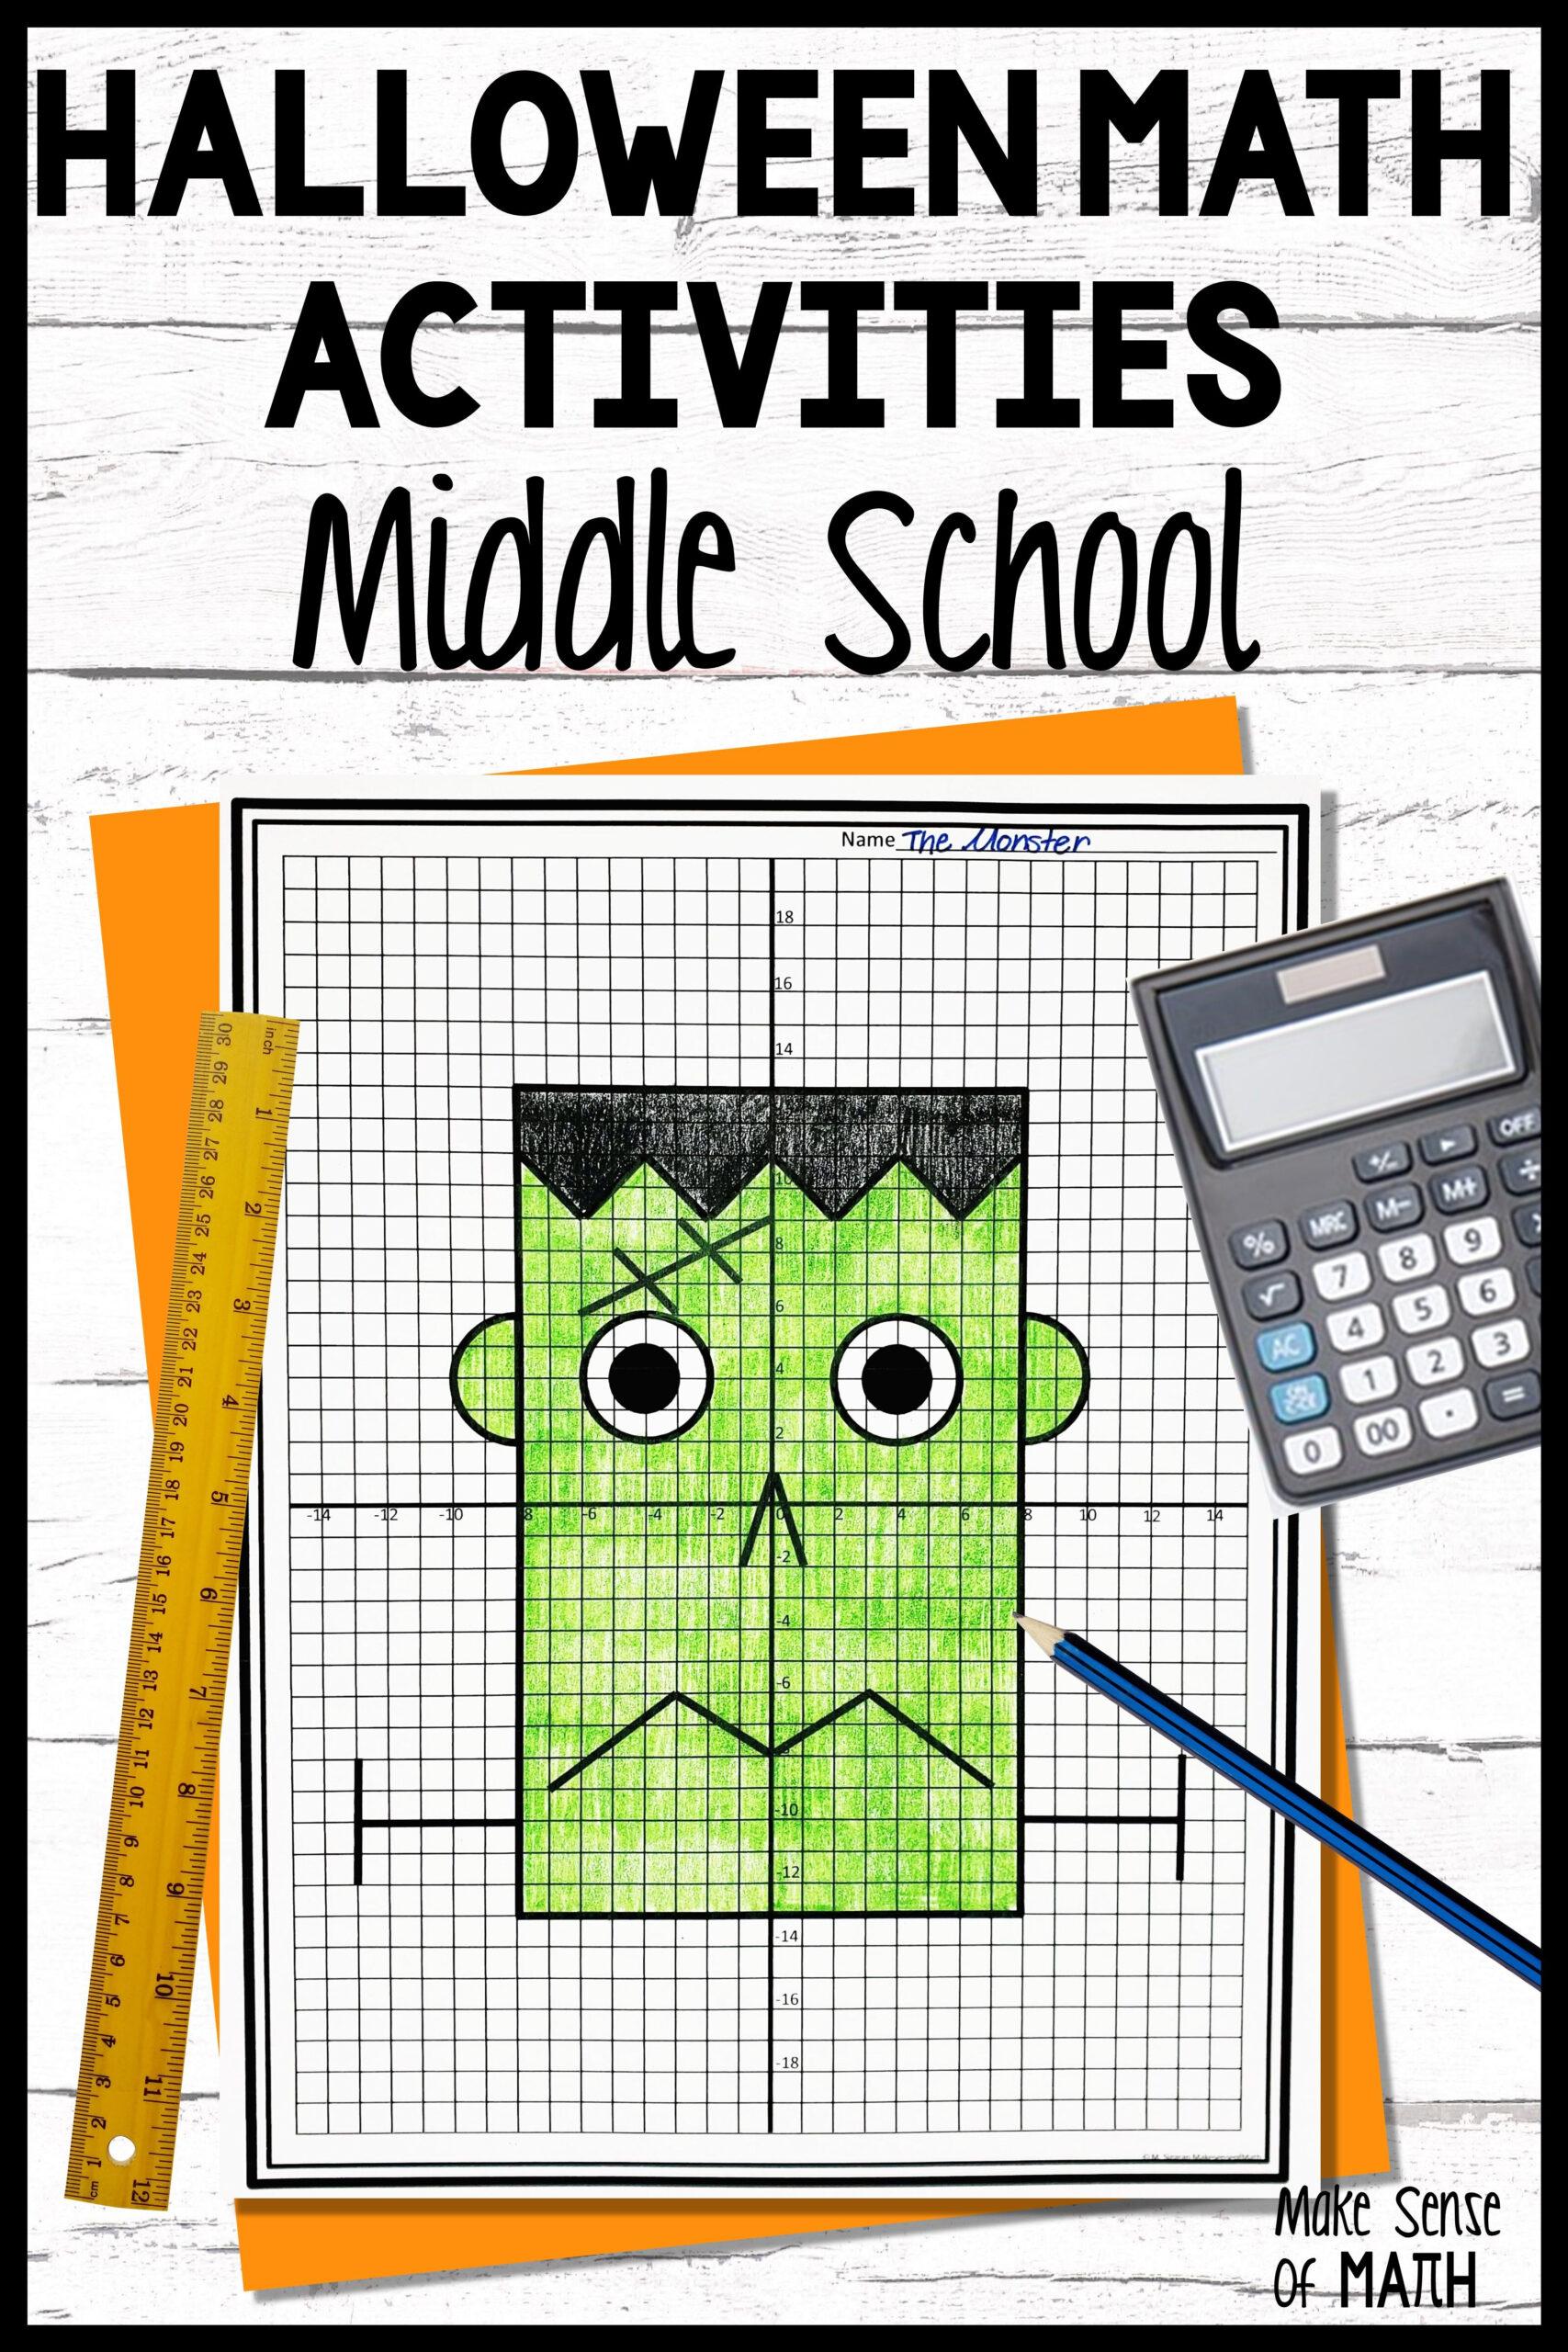 Halloween Math Worksheets And Activities In 2020 | Halloween